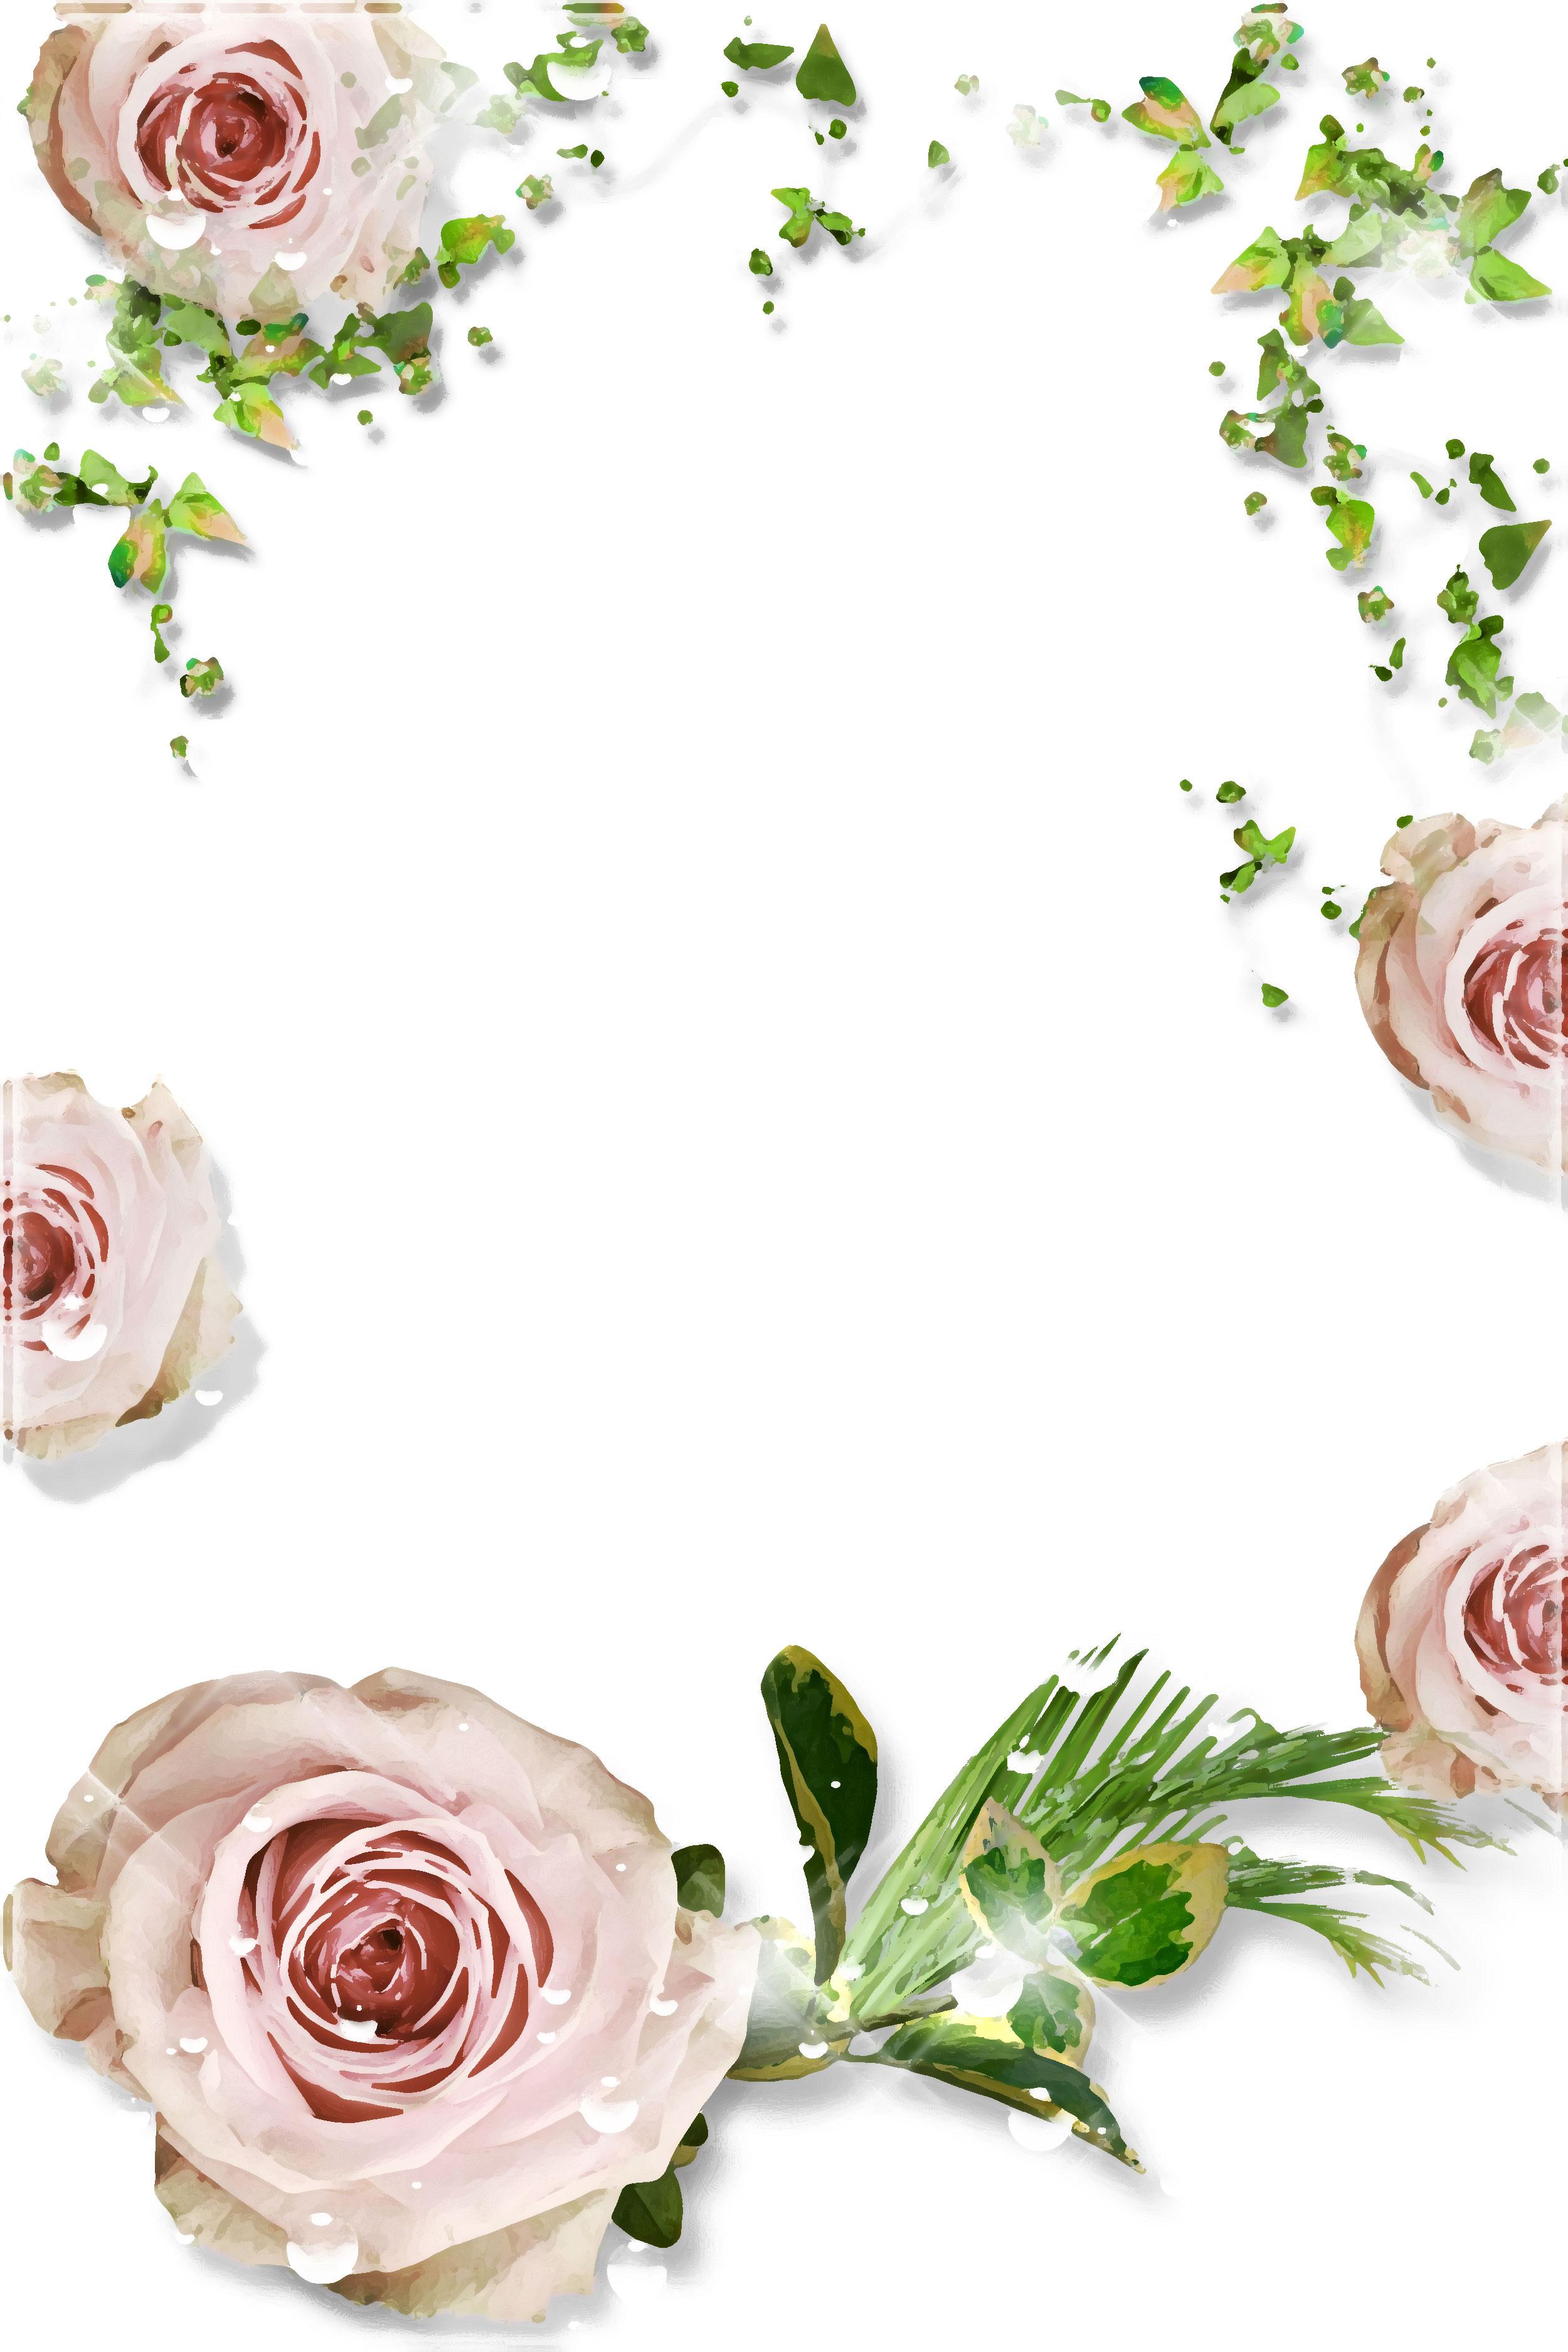 壁紙・背景イラスト/花のフレーム・外枠 no.079『白バラ・葉